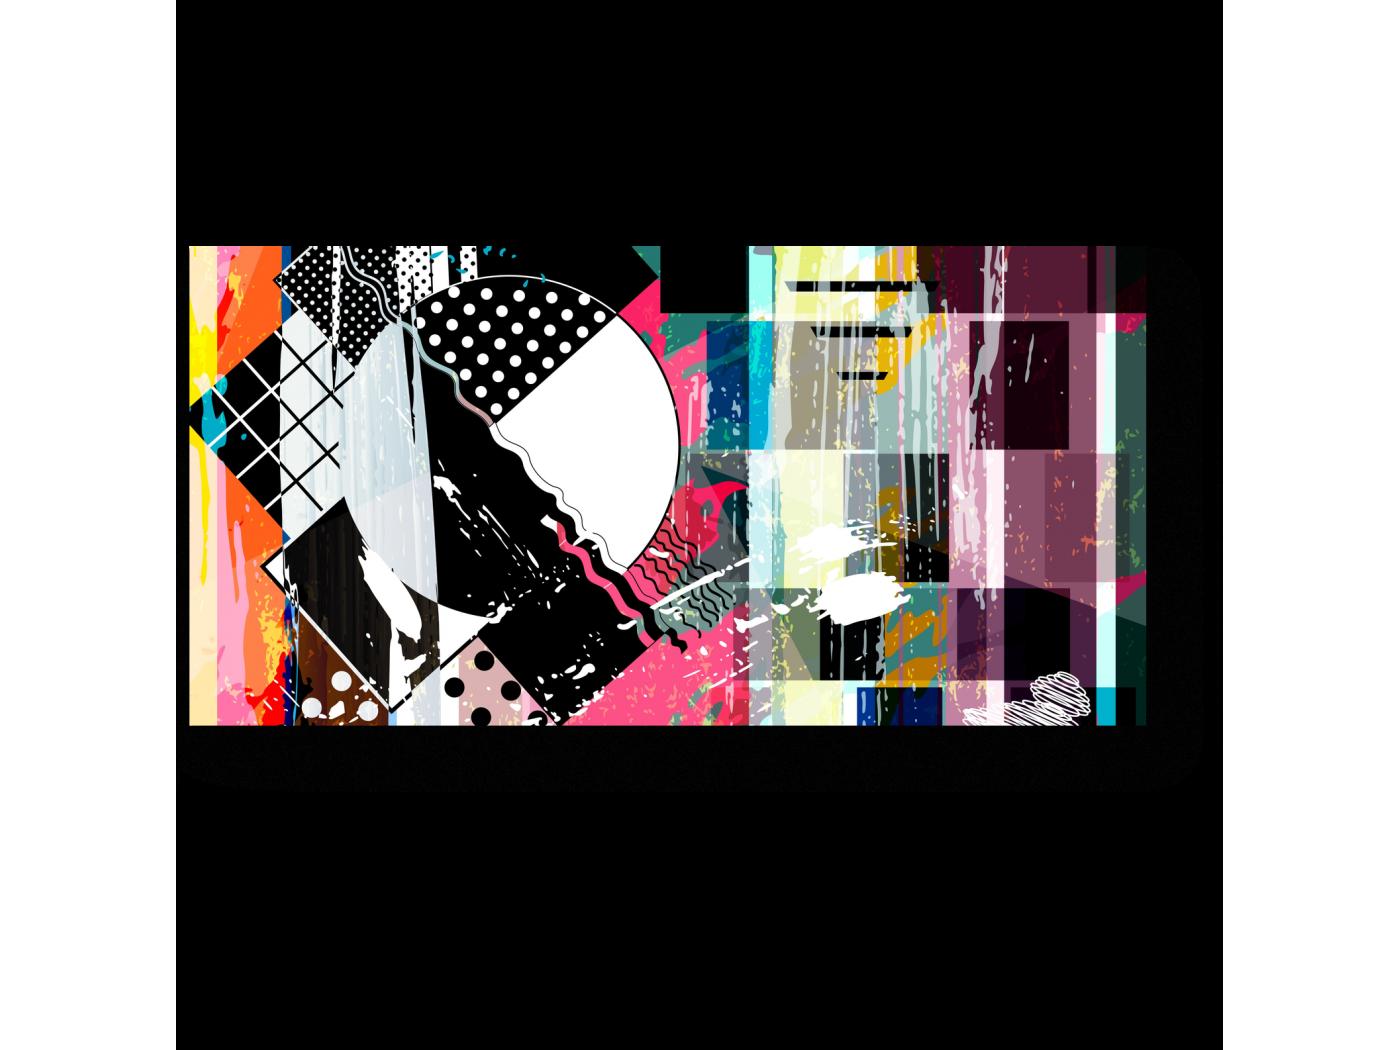 Модульная картина Домино (40x20) фото